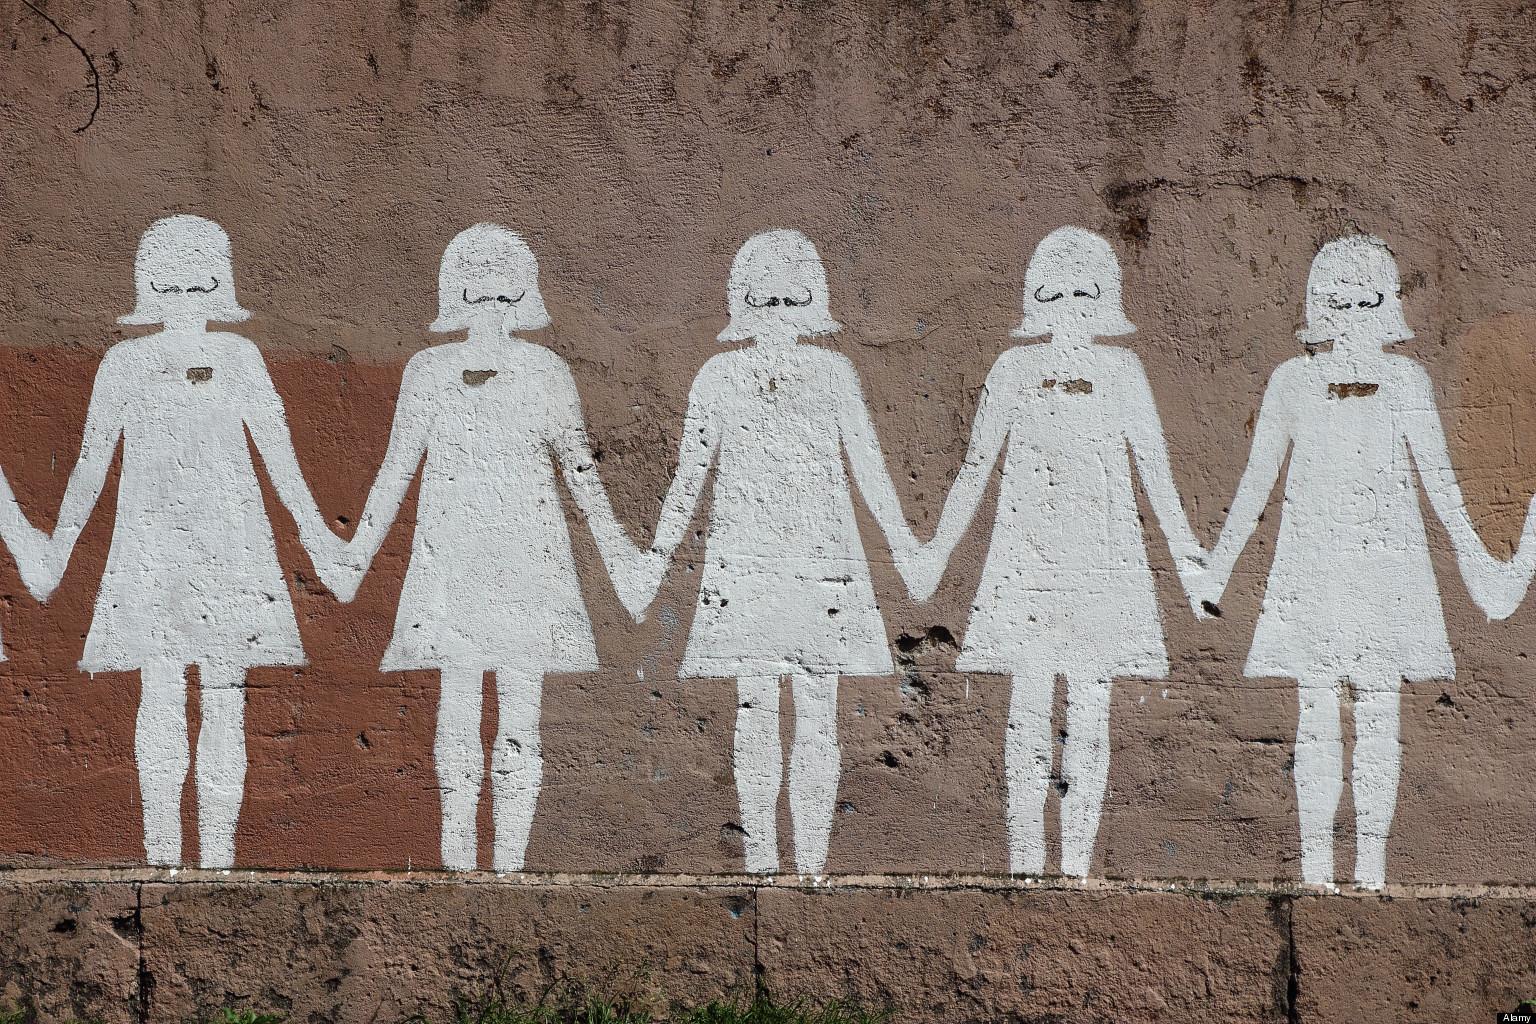 D56H22 Paper doll graffiti in a public street - Rome